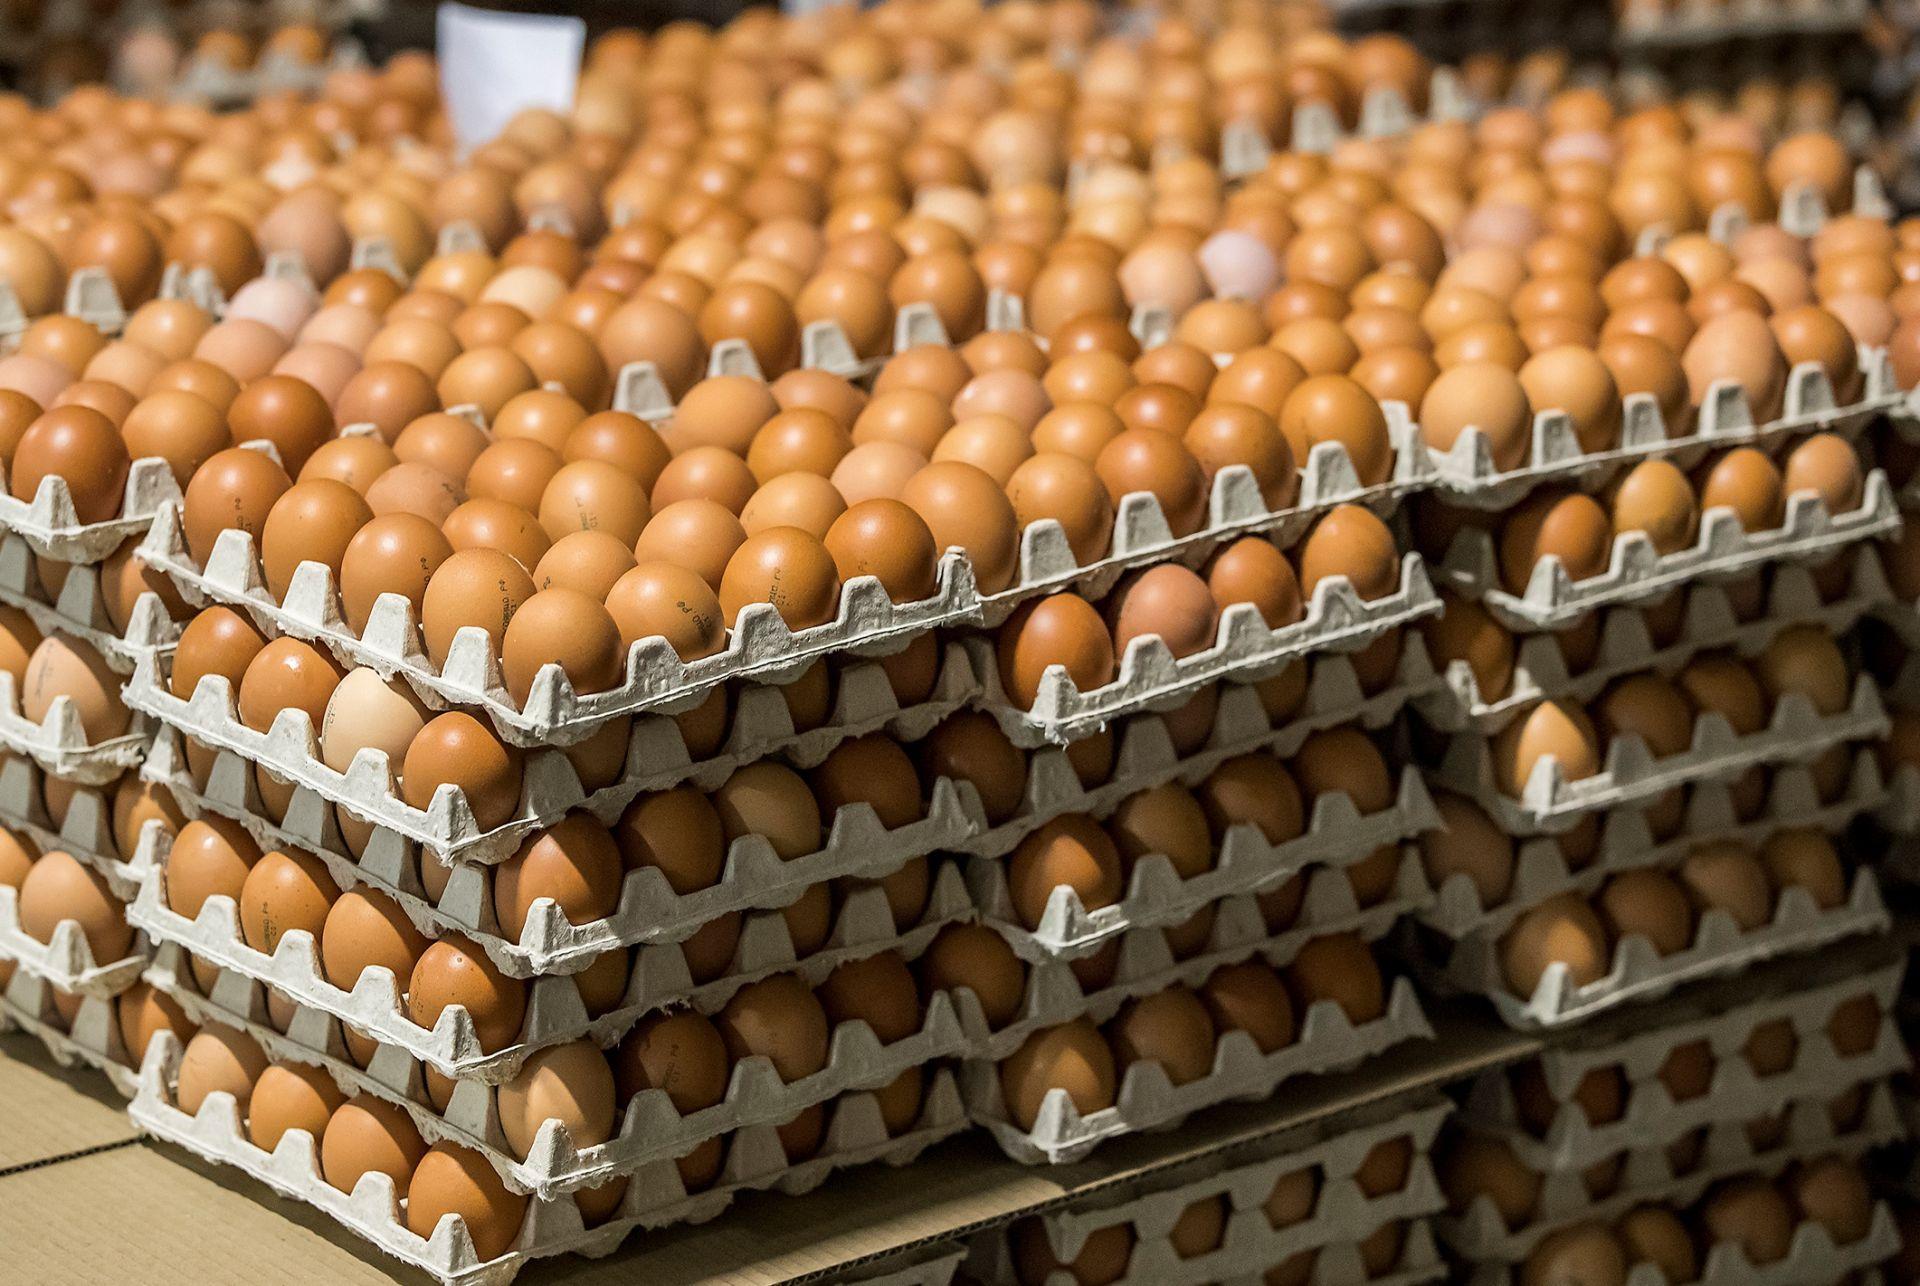 В России ожидают снижения цен на яйца и птицу в апреле-мае